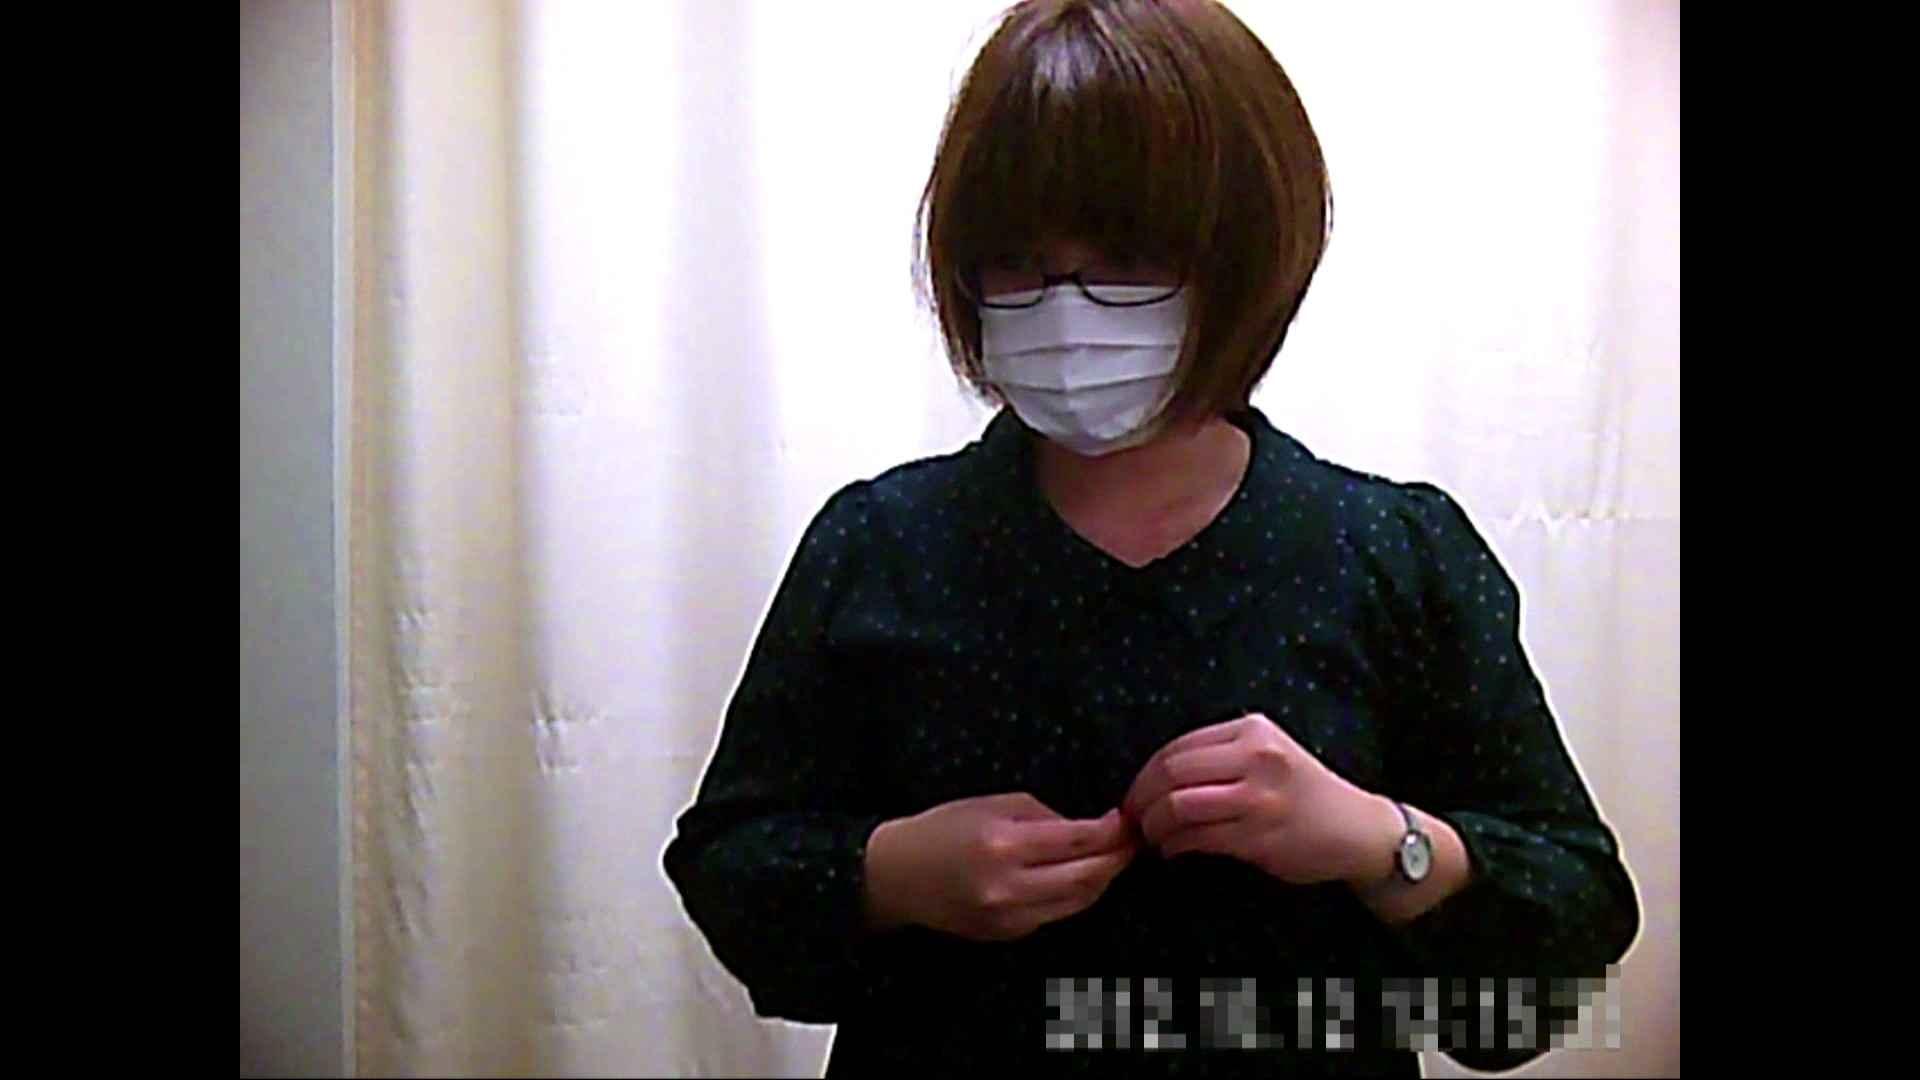 病院おもいっきり着替え! vol.235 OLの実態 盗み撮りSEX無修正画像 79pic 72